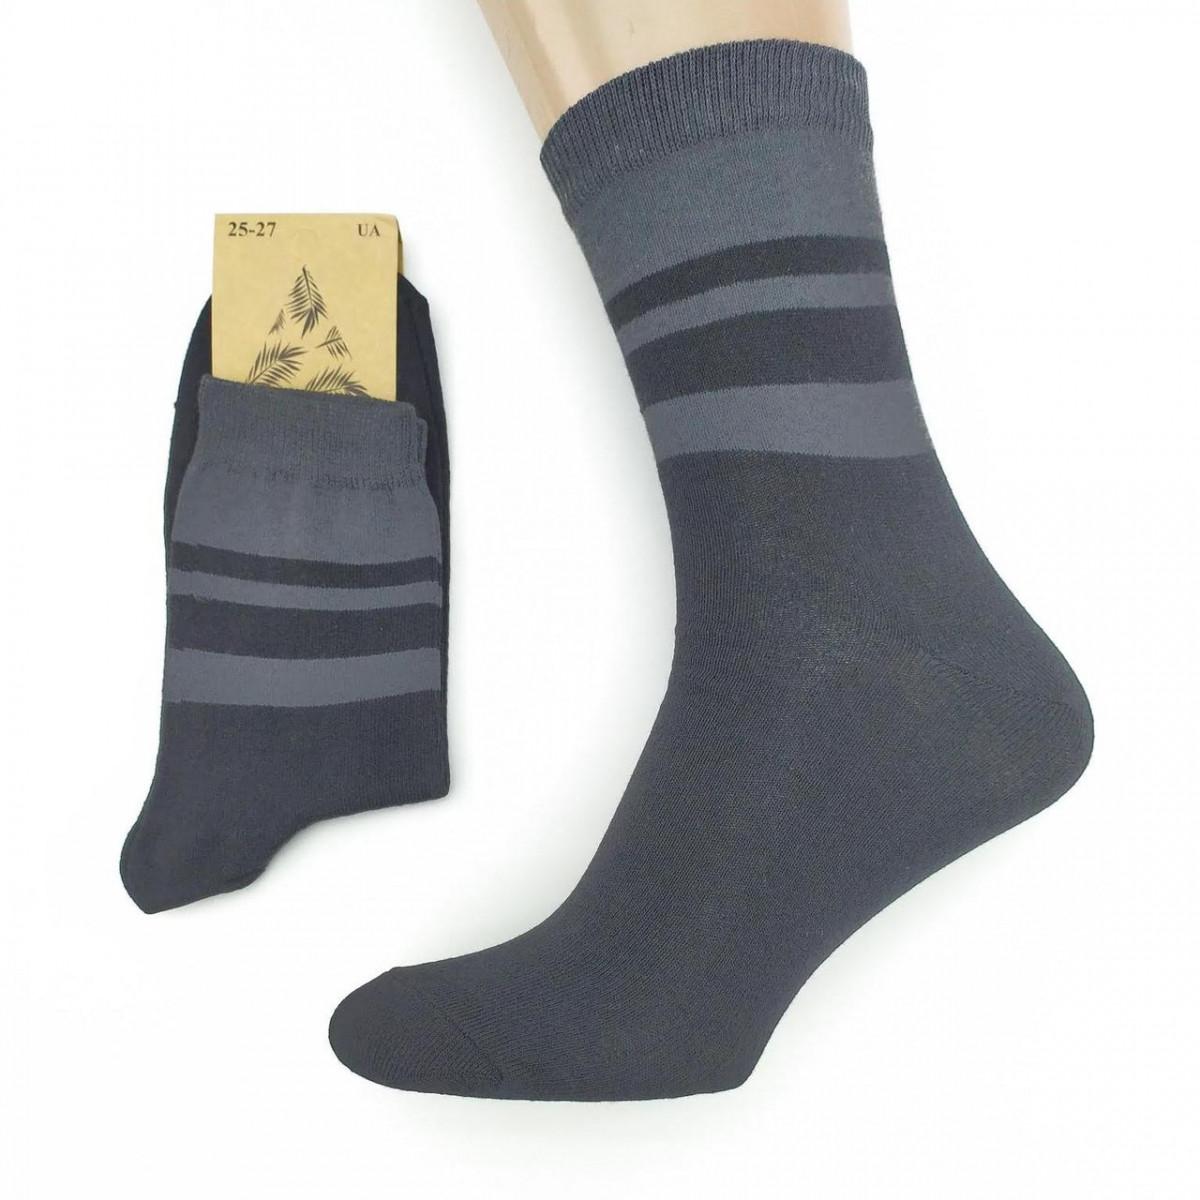 Носки мужские демисезонные средние Loft Socks 25-27р черные с серыми полосками 20034115